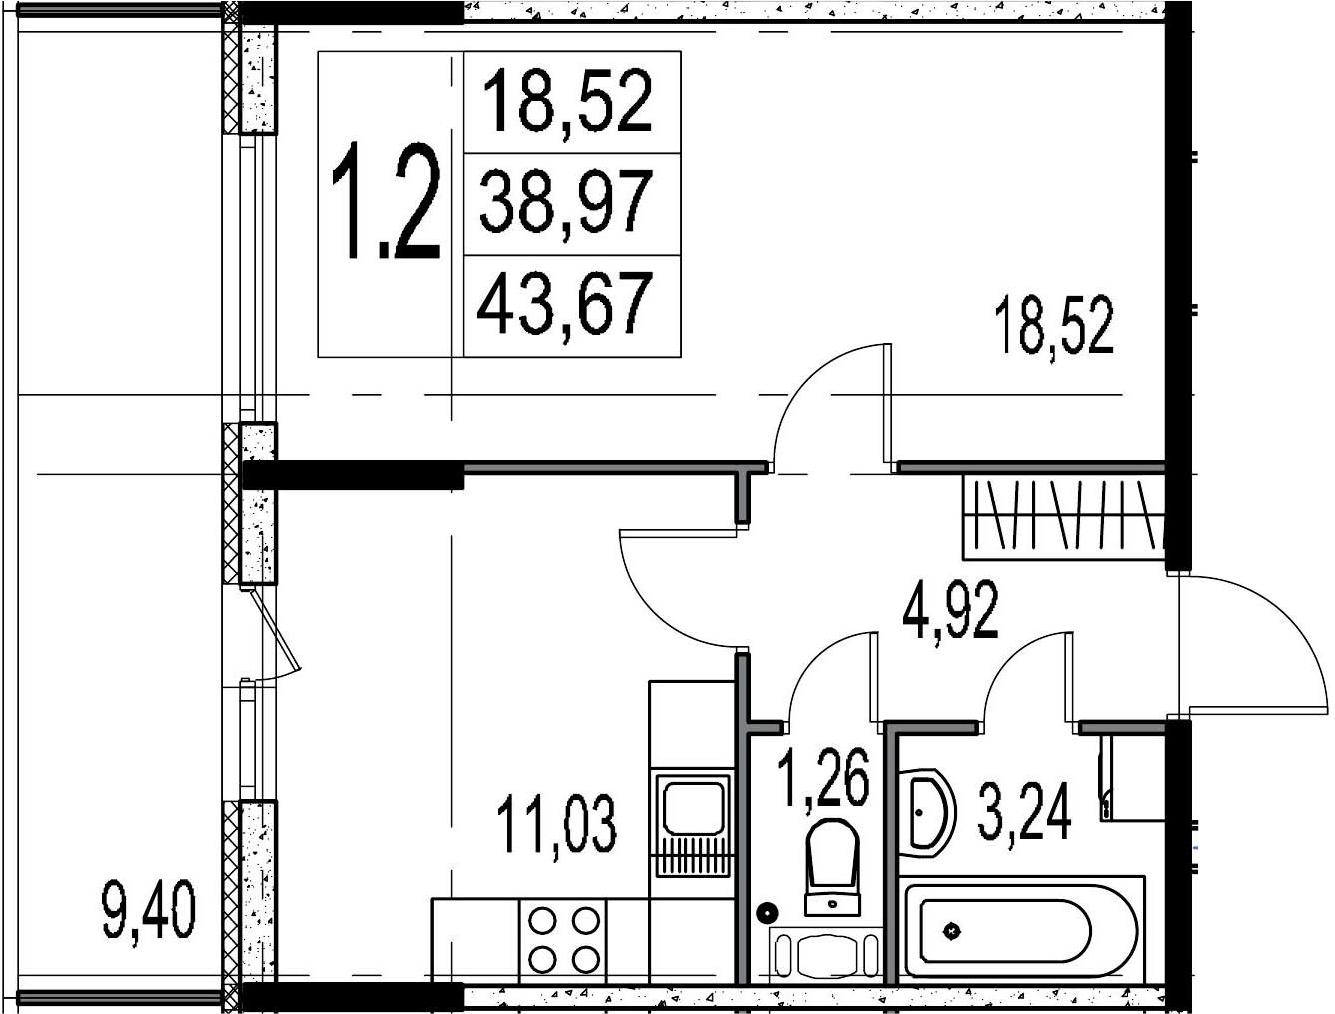 1-комнатная, 38.97 м²– 2